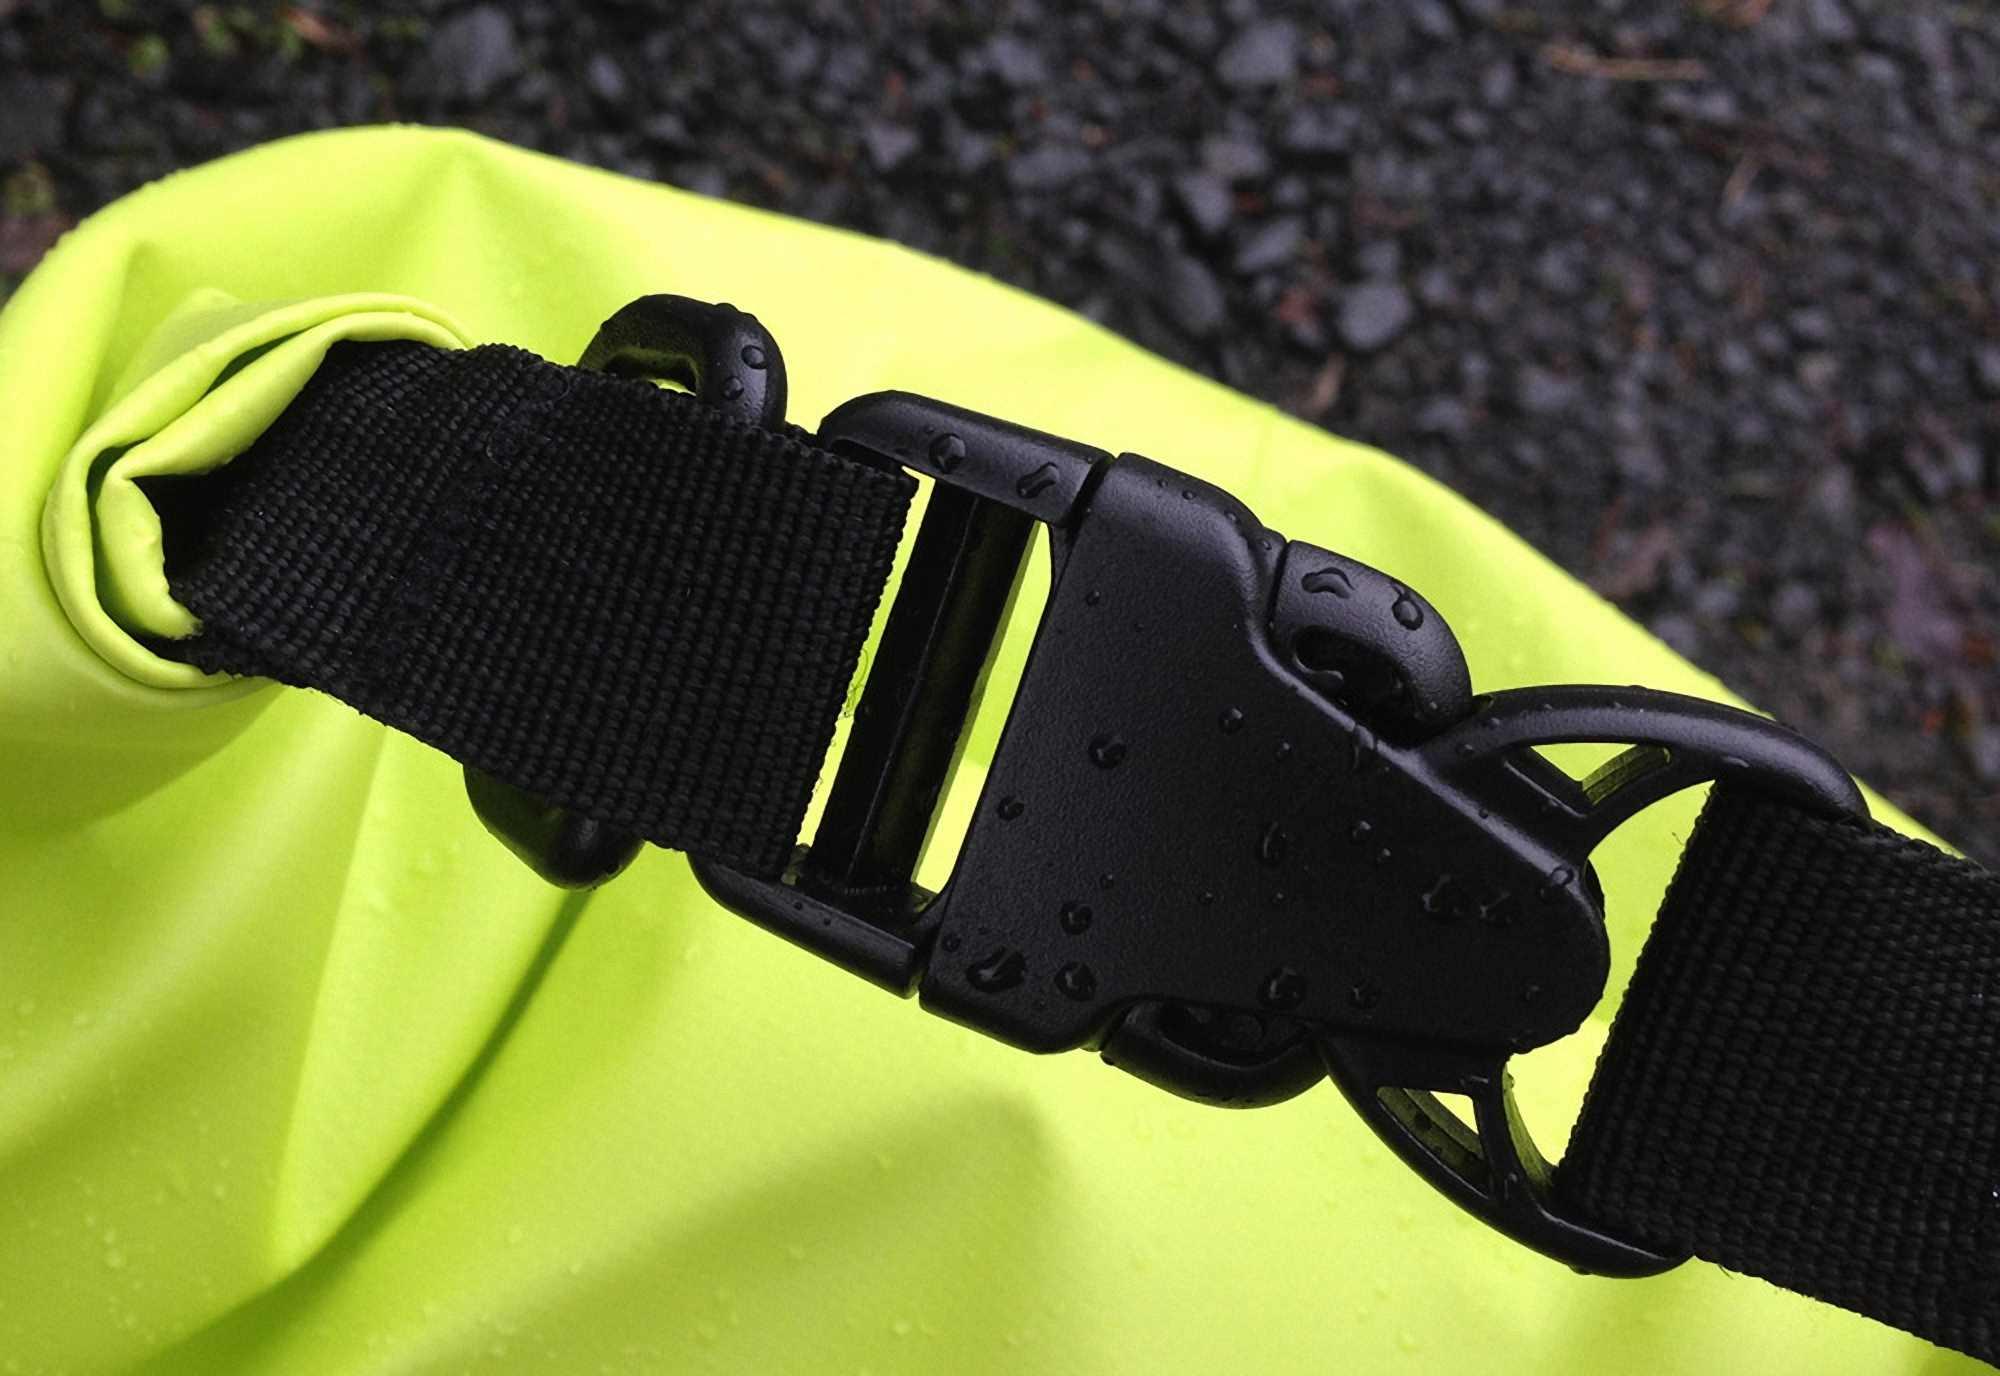 Водонепроницаемый гермомешок Aquapac 715 - TrailProof  Drybags - 25L.. Aquapac - №1 в мире водонепроницаемых чехлов и сумок. Фото 2